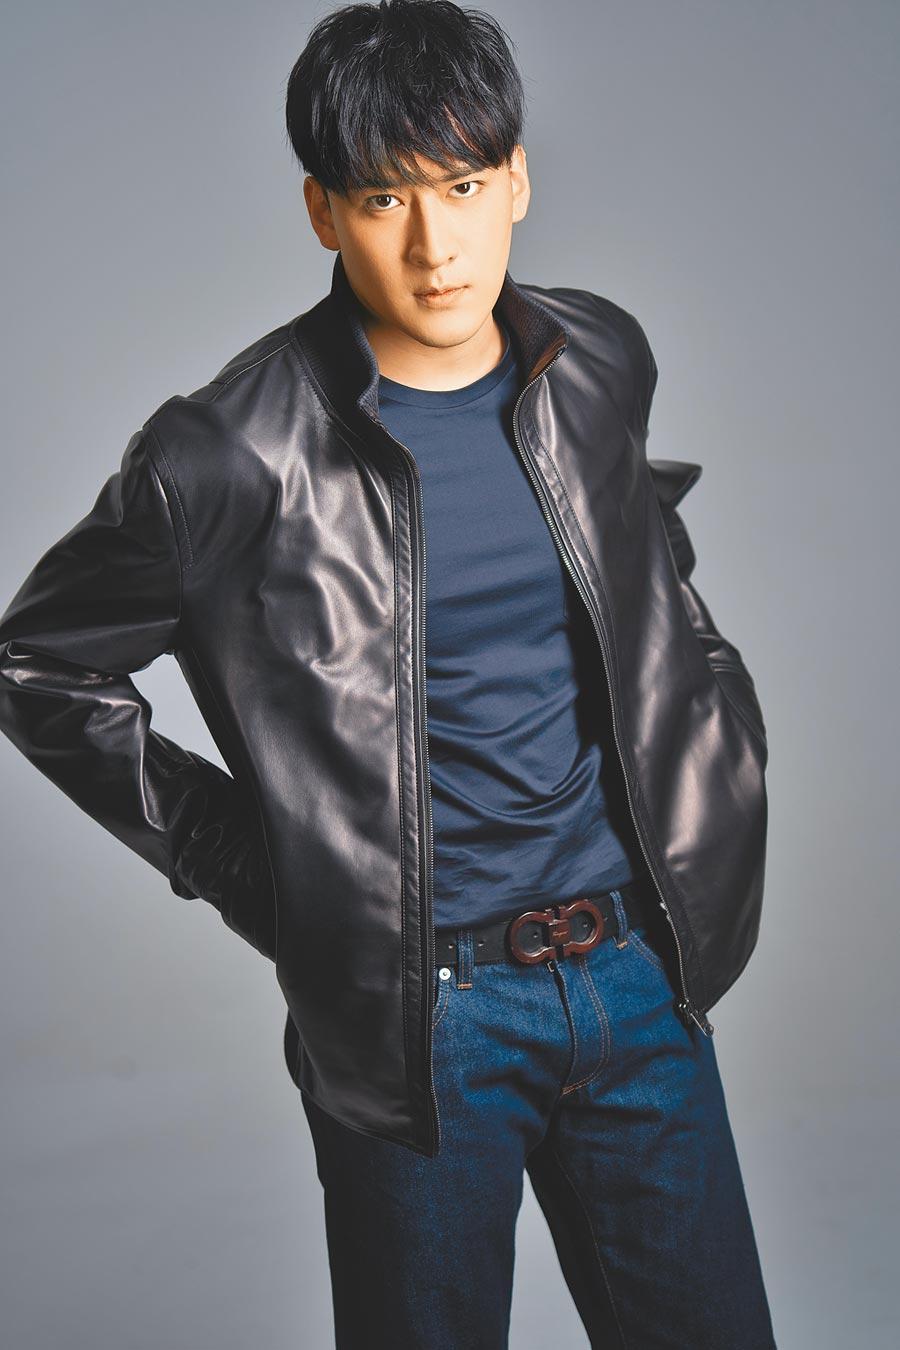 27歲的沈建宏,認為自己到了可穿皮衣的年紀。Ferragamo黑色皮衣12萬2000元,深藍色t-shirt 9900元,深藍色牛仔褲2萬1900元,黑色Gancio皮帶1萬5900元,AARON深藍色牛皮休閒鞋2萬3500元。(攝影/JOJ PHOTO)